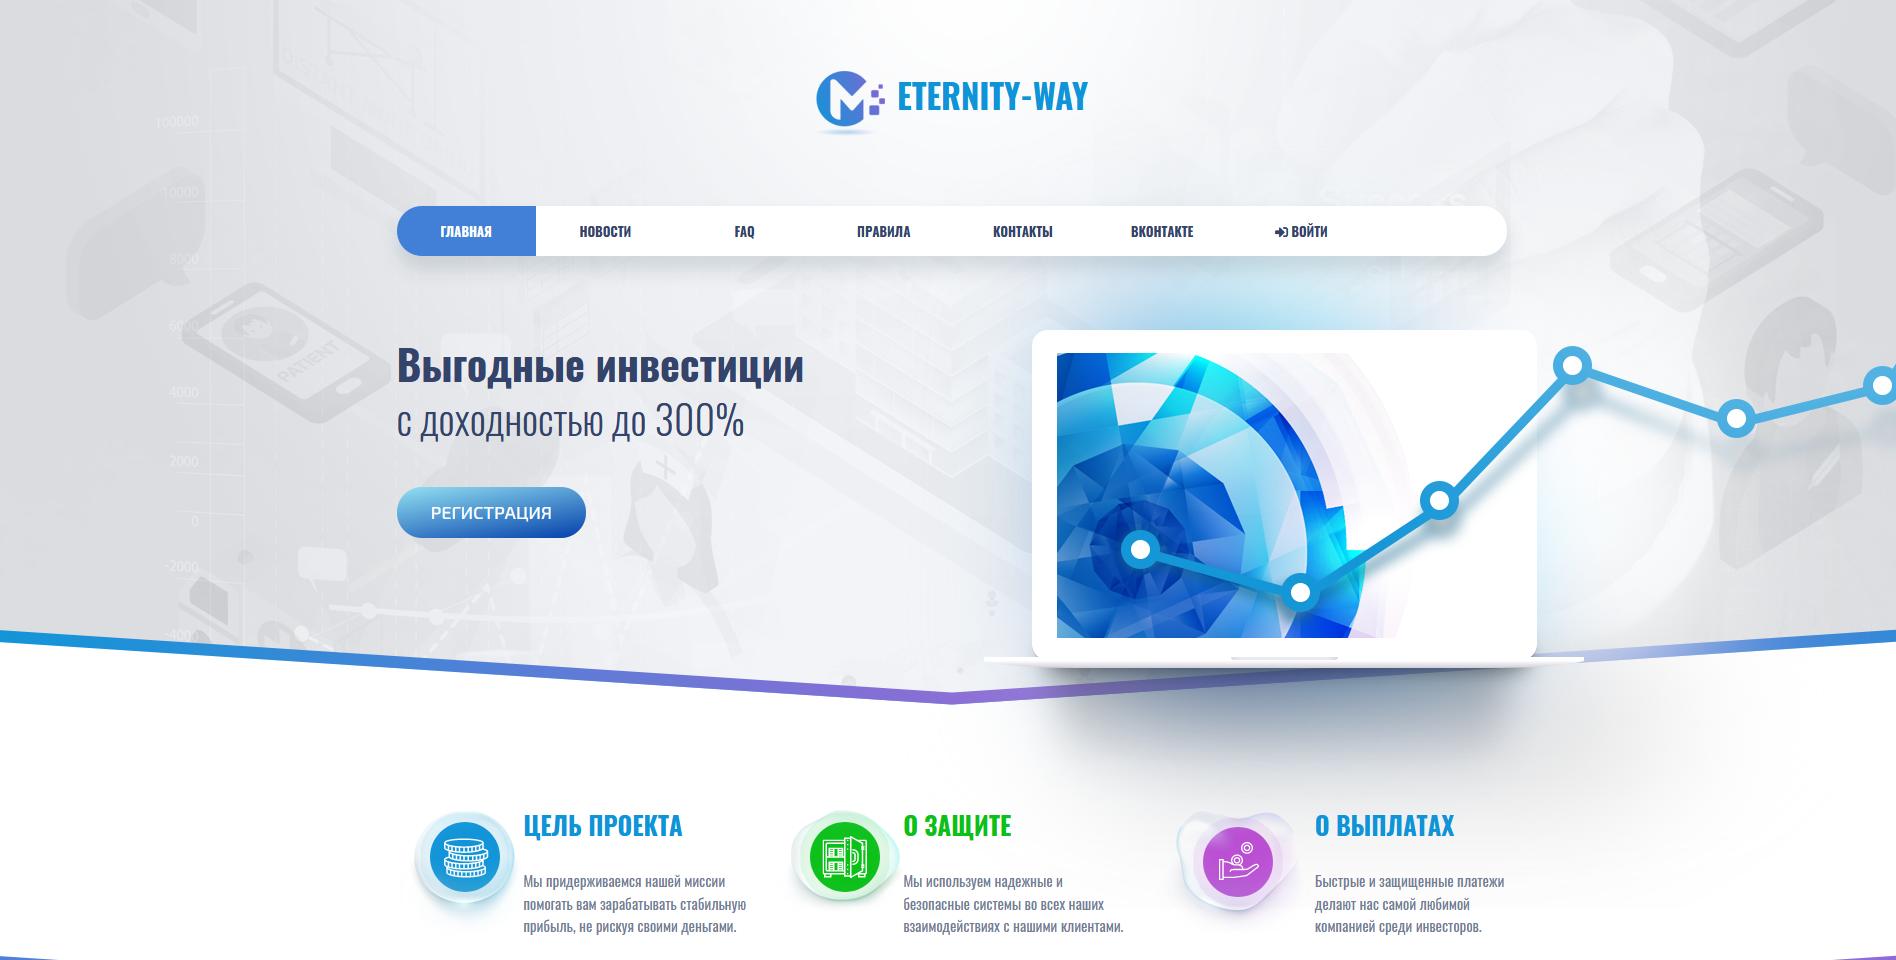 Eternity-way